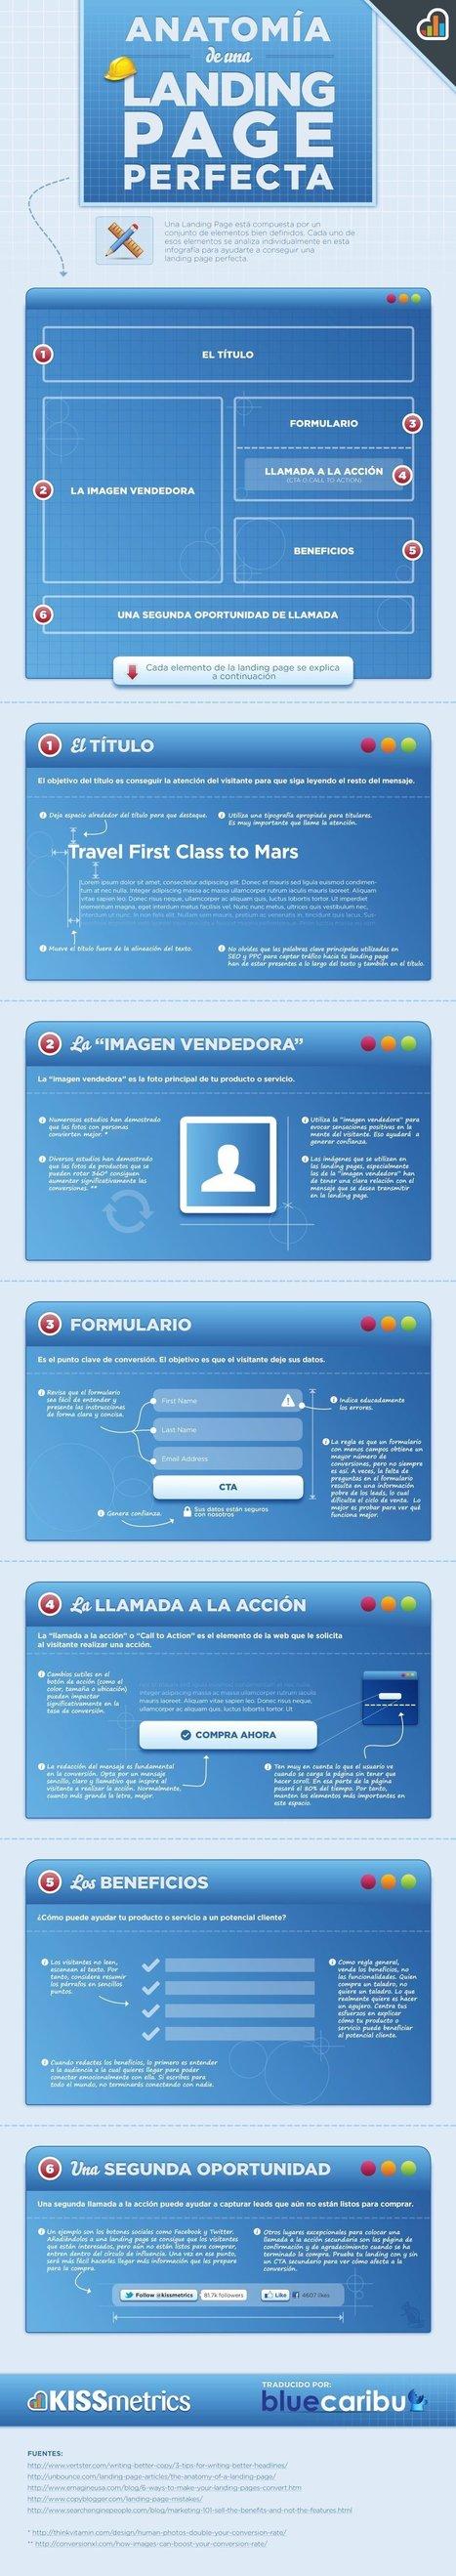 Anatomía de la Landing Page perfecta | MarKetingneando | Sobre Marketing Online y cómo crecer en Internet | Scoop.it